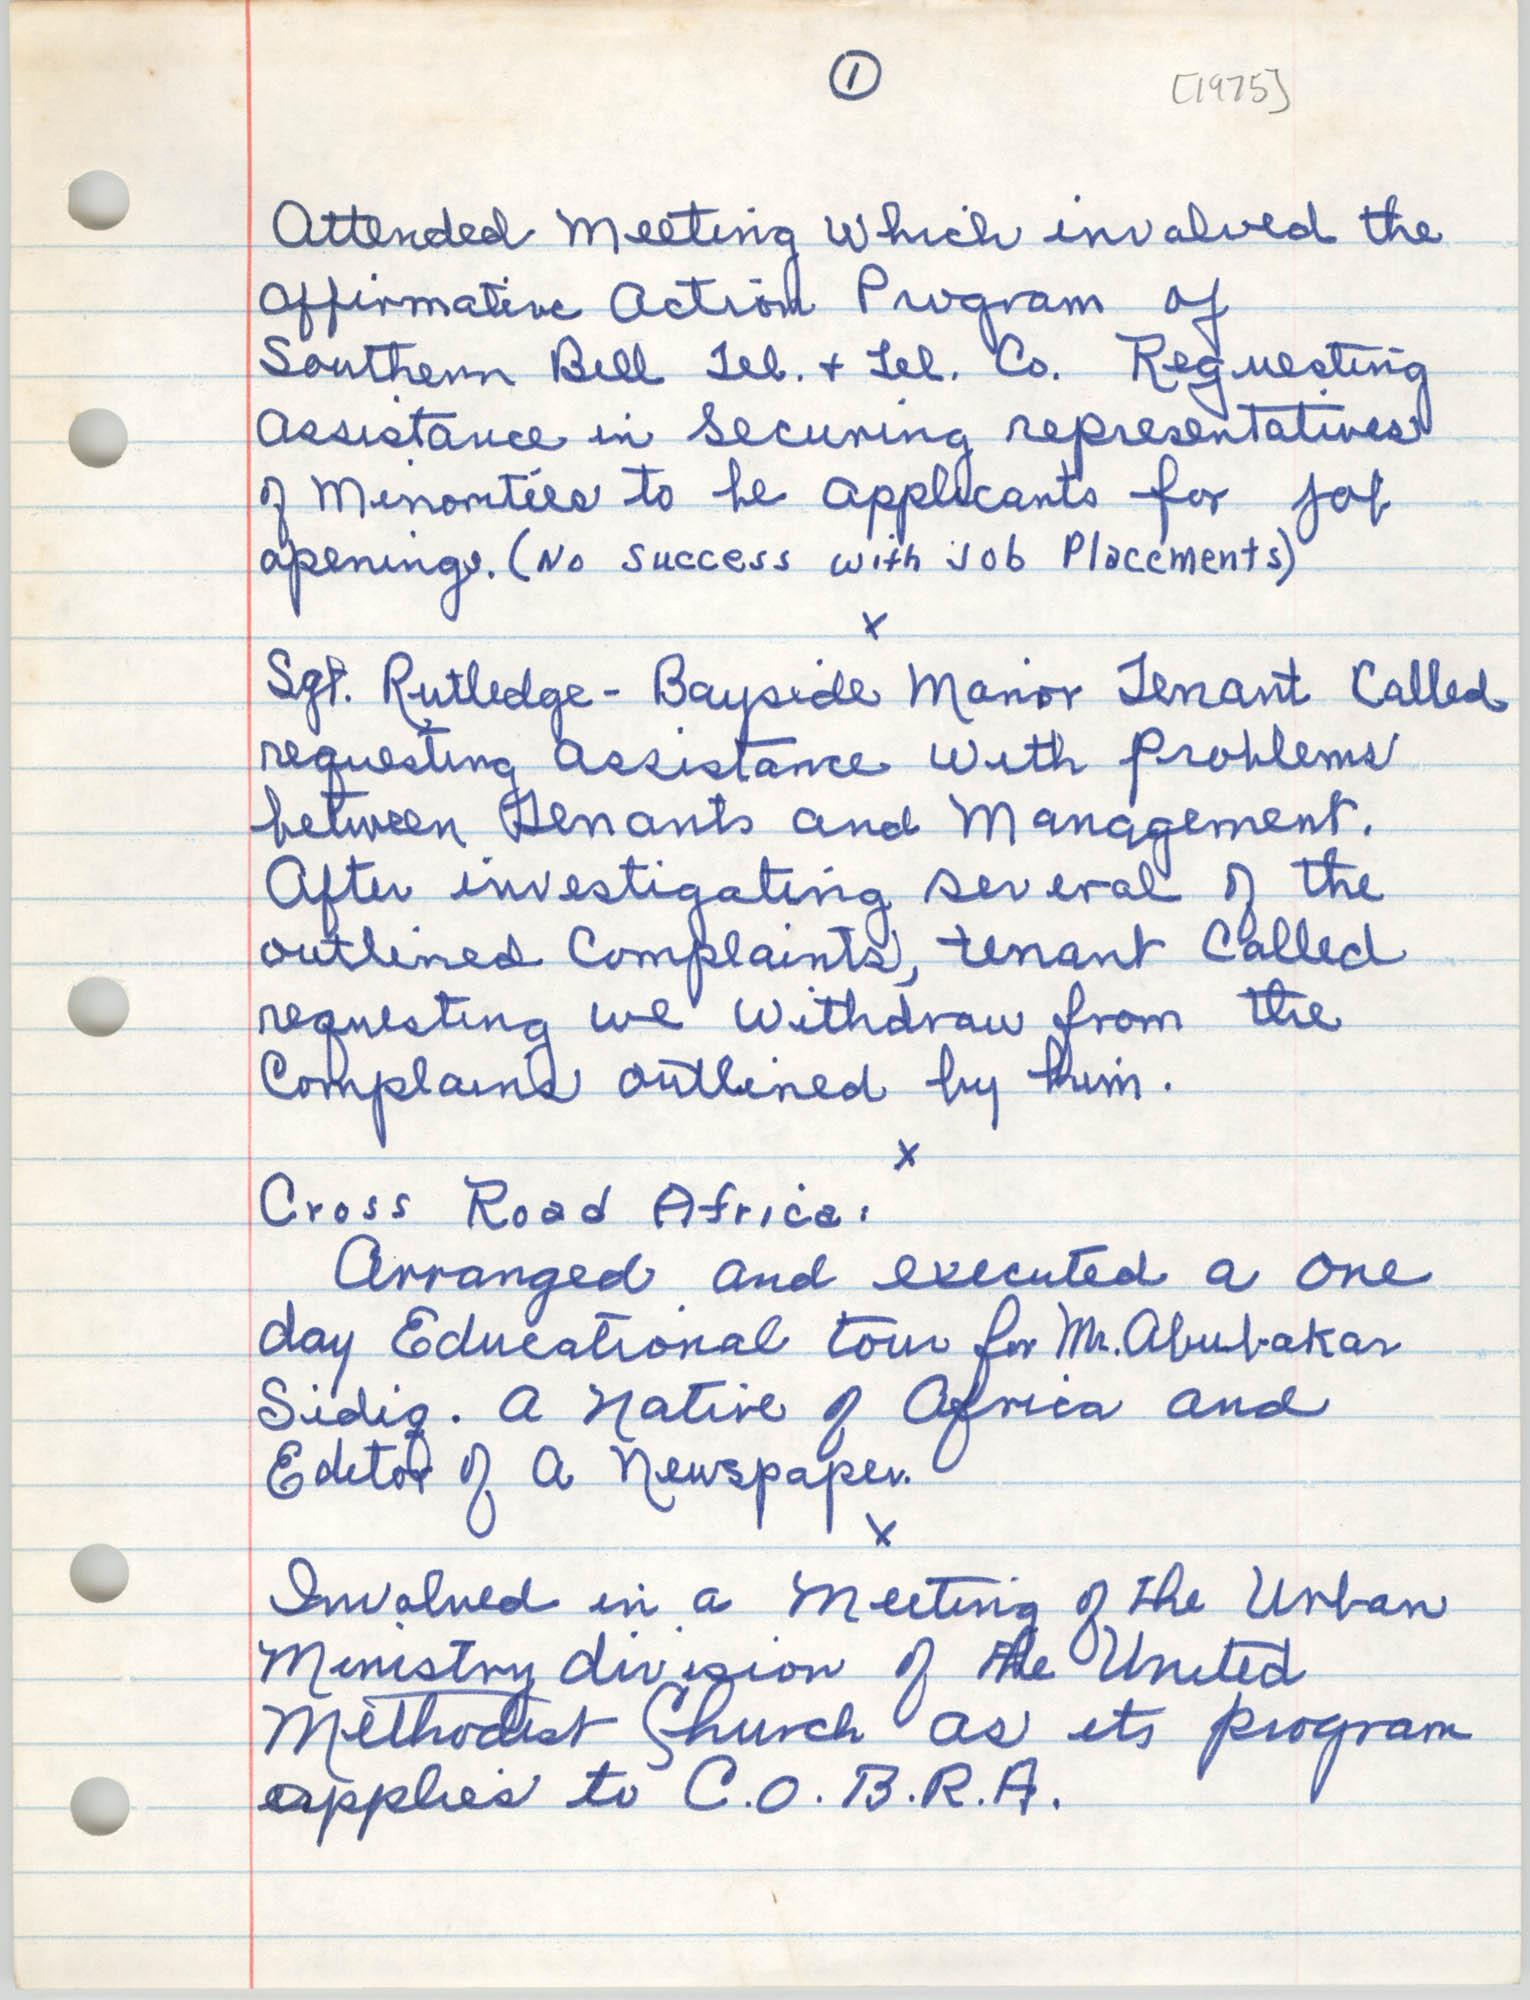 Handwritten Meeting Notes, 1975